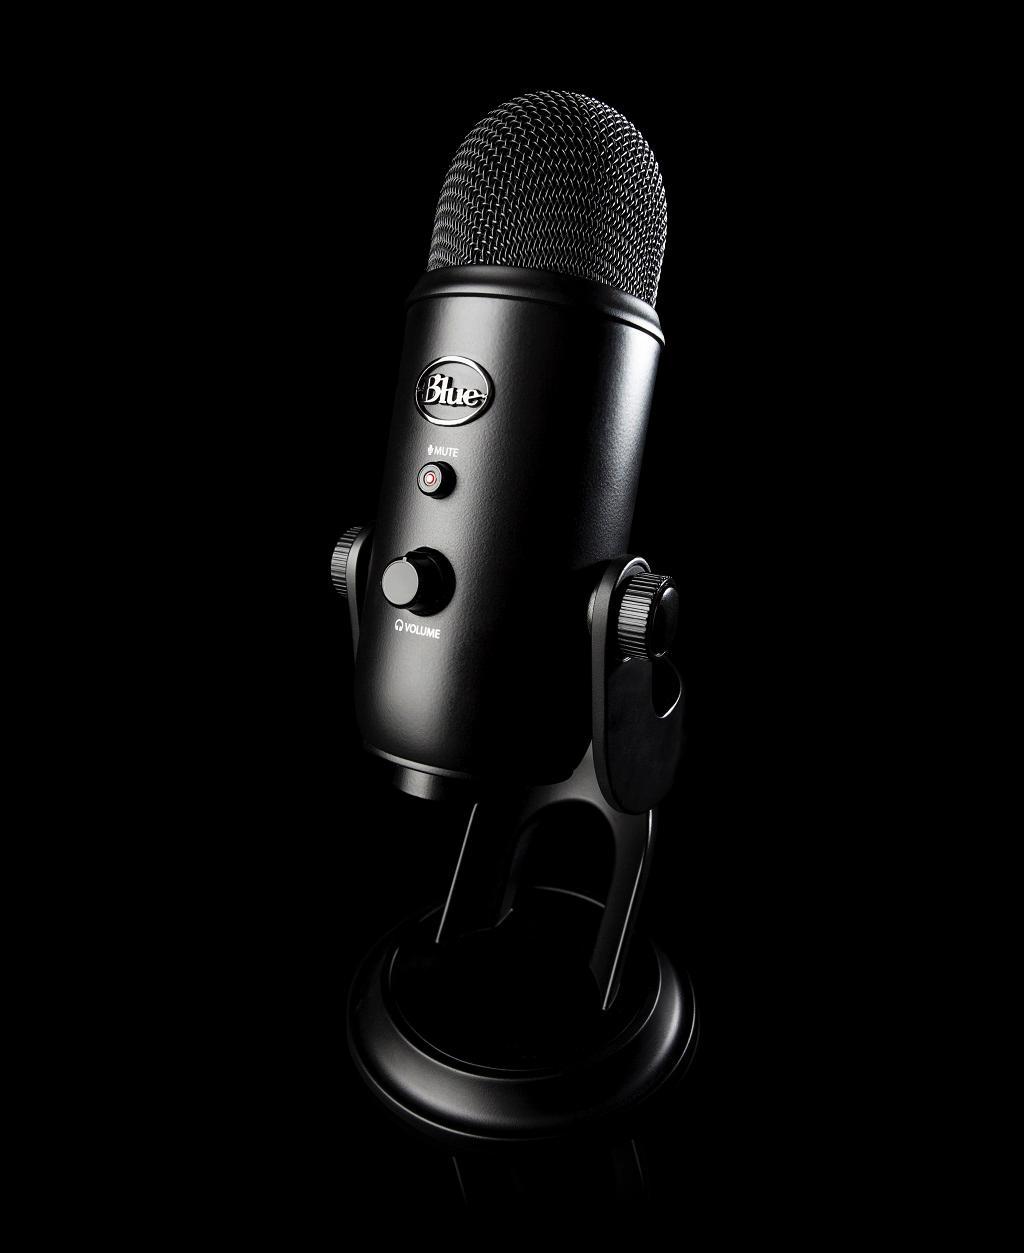 Blue Microphones Microphone Usb Yeti Blackout Edition : blue microphones yeti usb microphone blackout edition musical instruments ~ Russianpoet.info Haus und Dekorationen